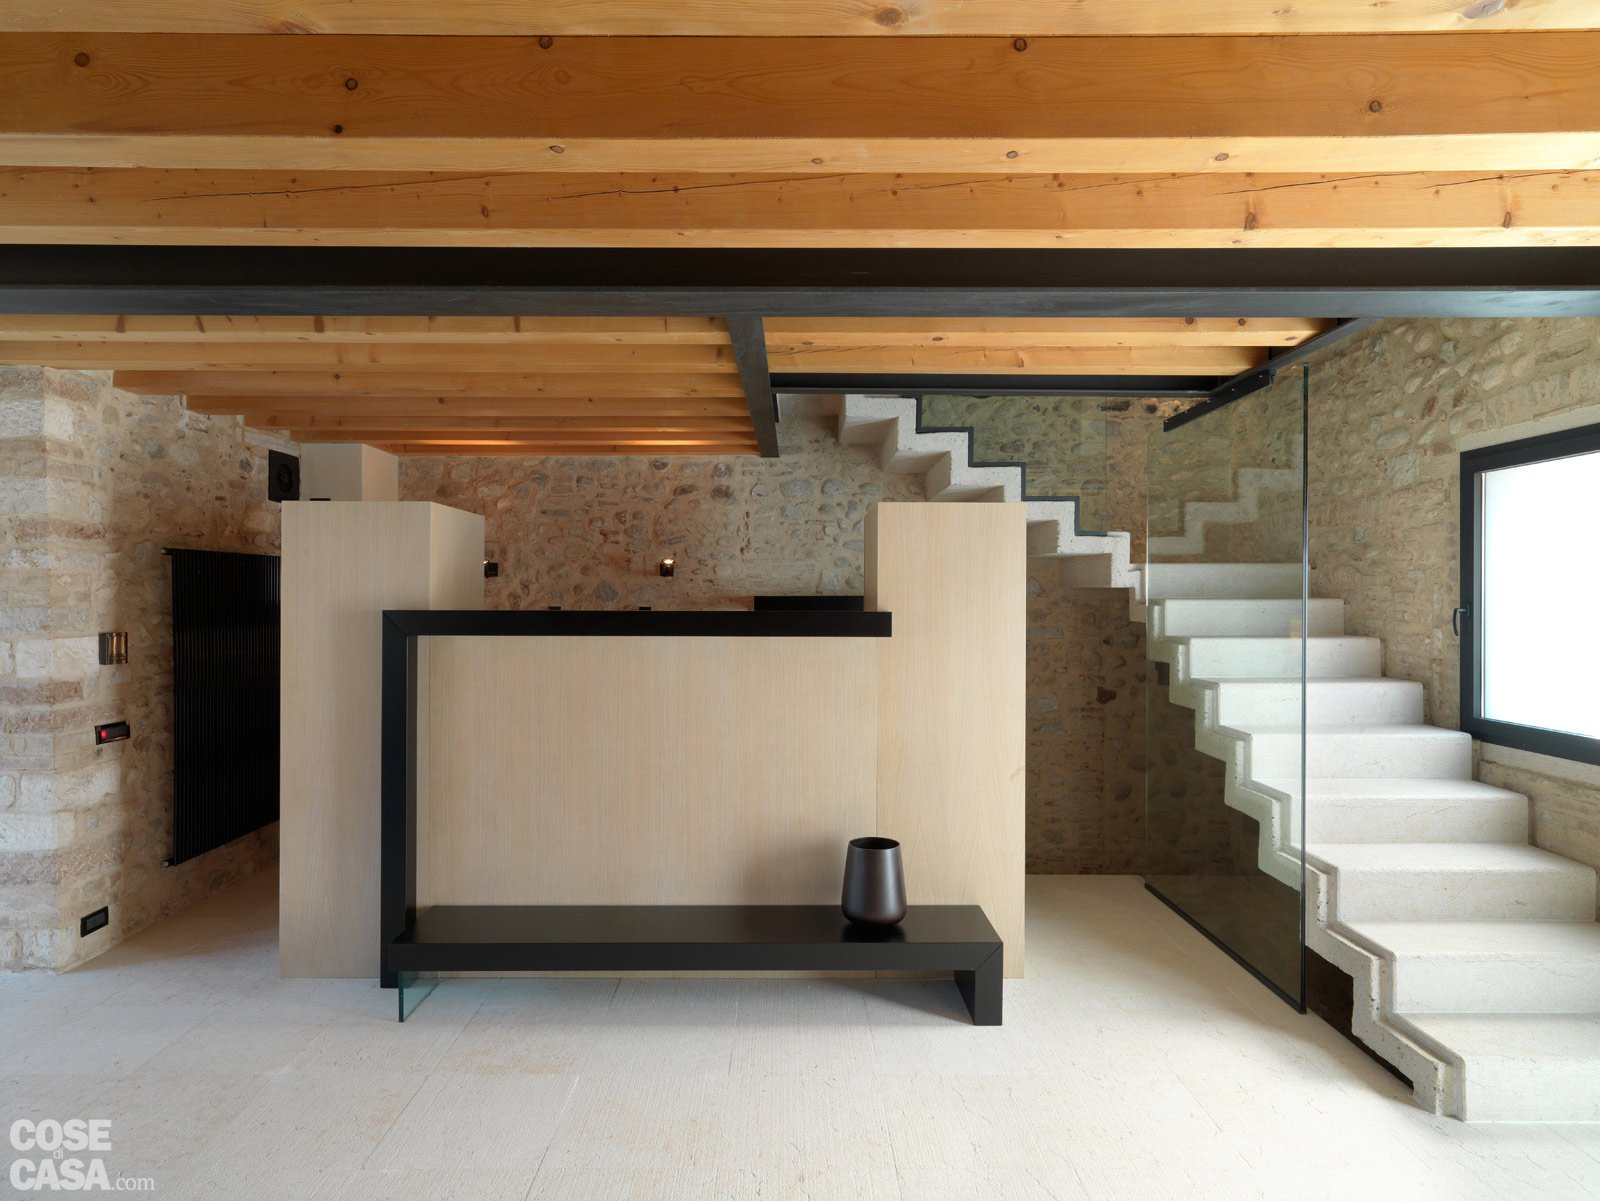 Legno e pietra a vista nella casa restaurata cose di casa for Interni ristrutturati